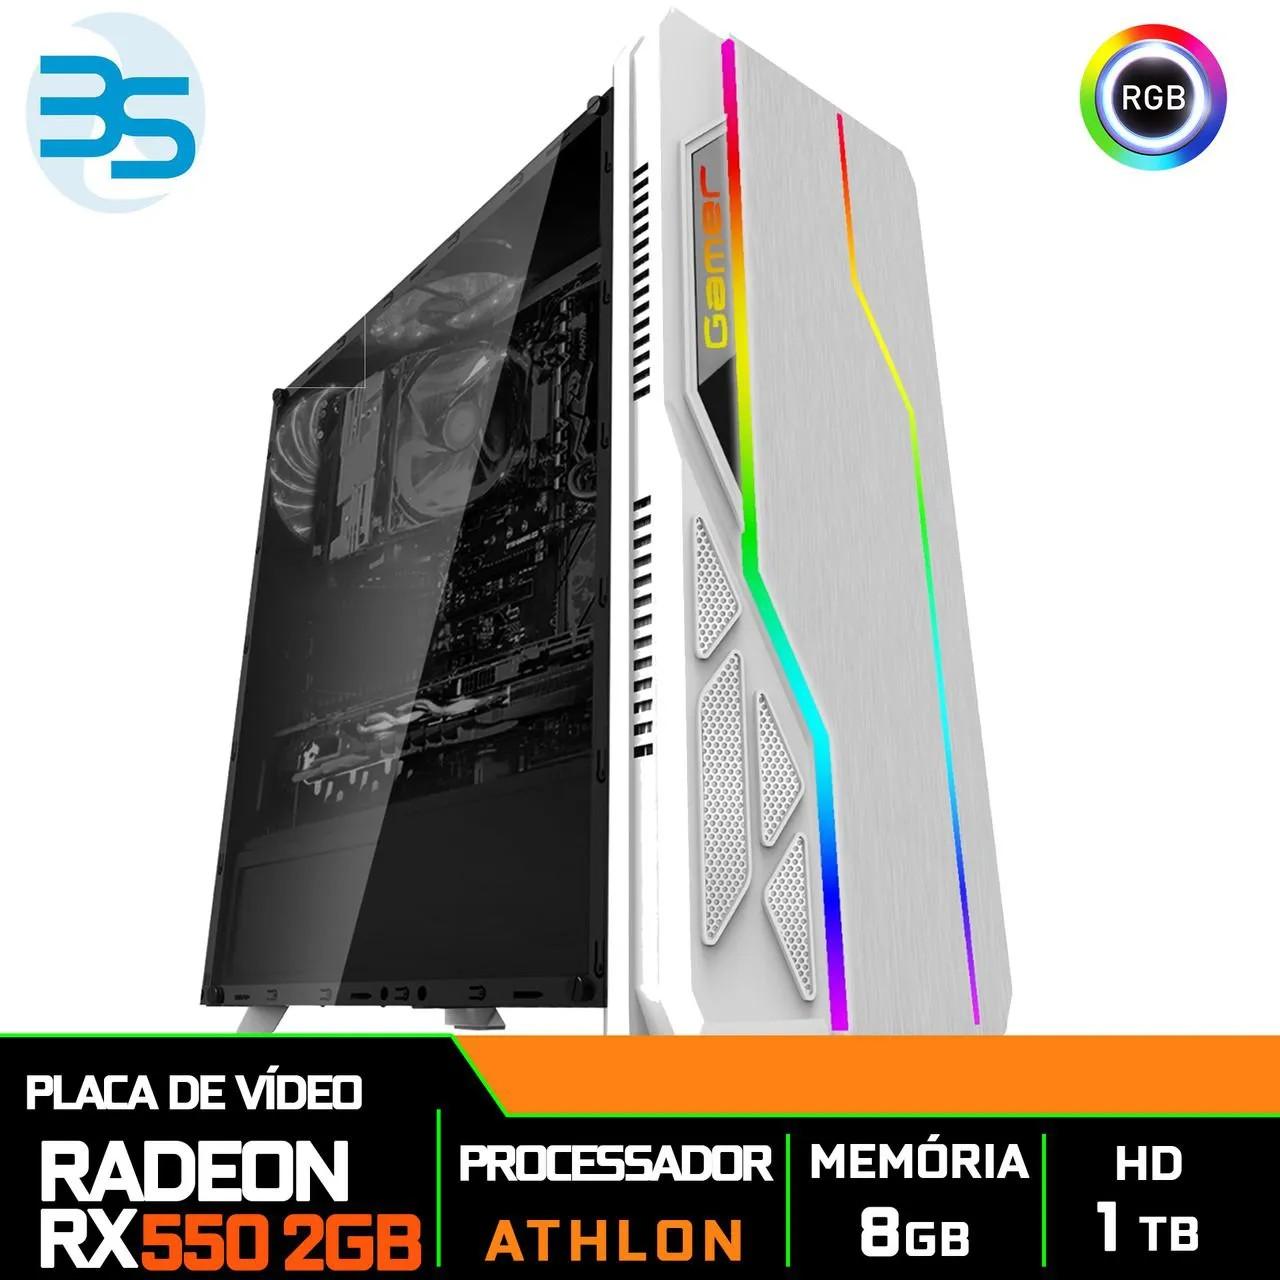 Computador Gamer Athlon 3000G, Radeon RX 550 2GB, 8GB DDR4, HD 1TB, 400W